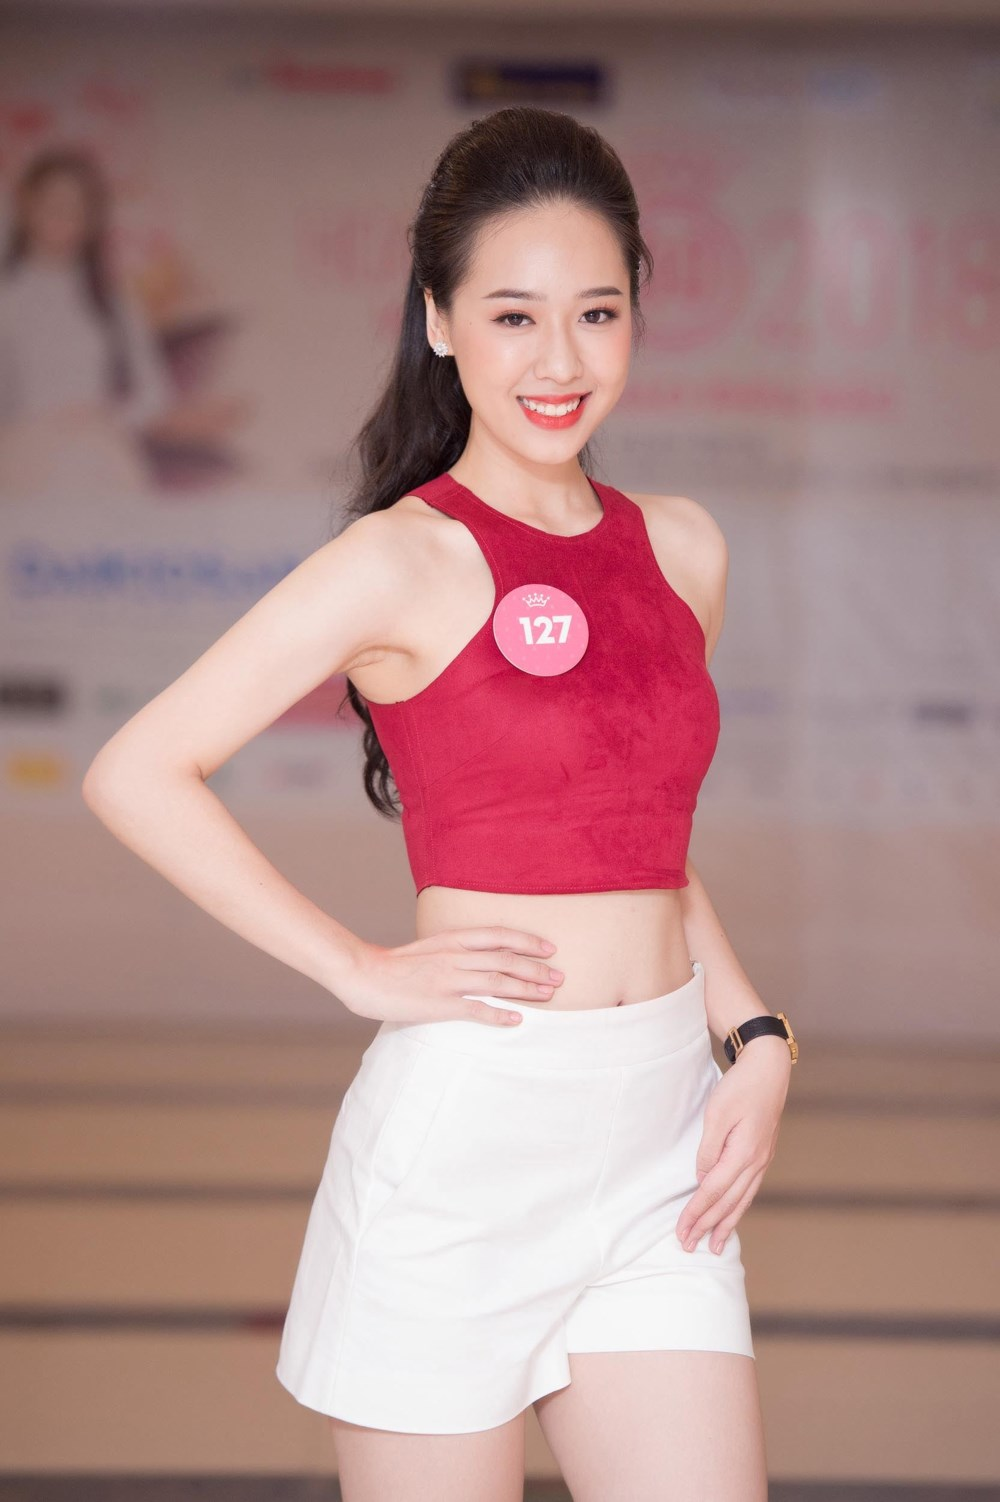 Nhan sắc những người đẹp Hoa hậu Việt Nam được ví là 'bản sao' của người nổi tiếng ảnh 13